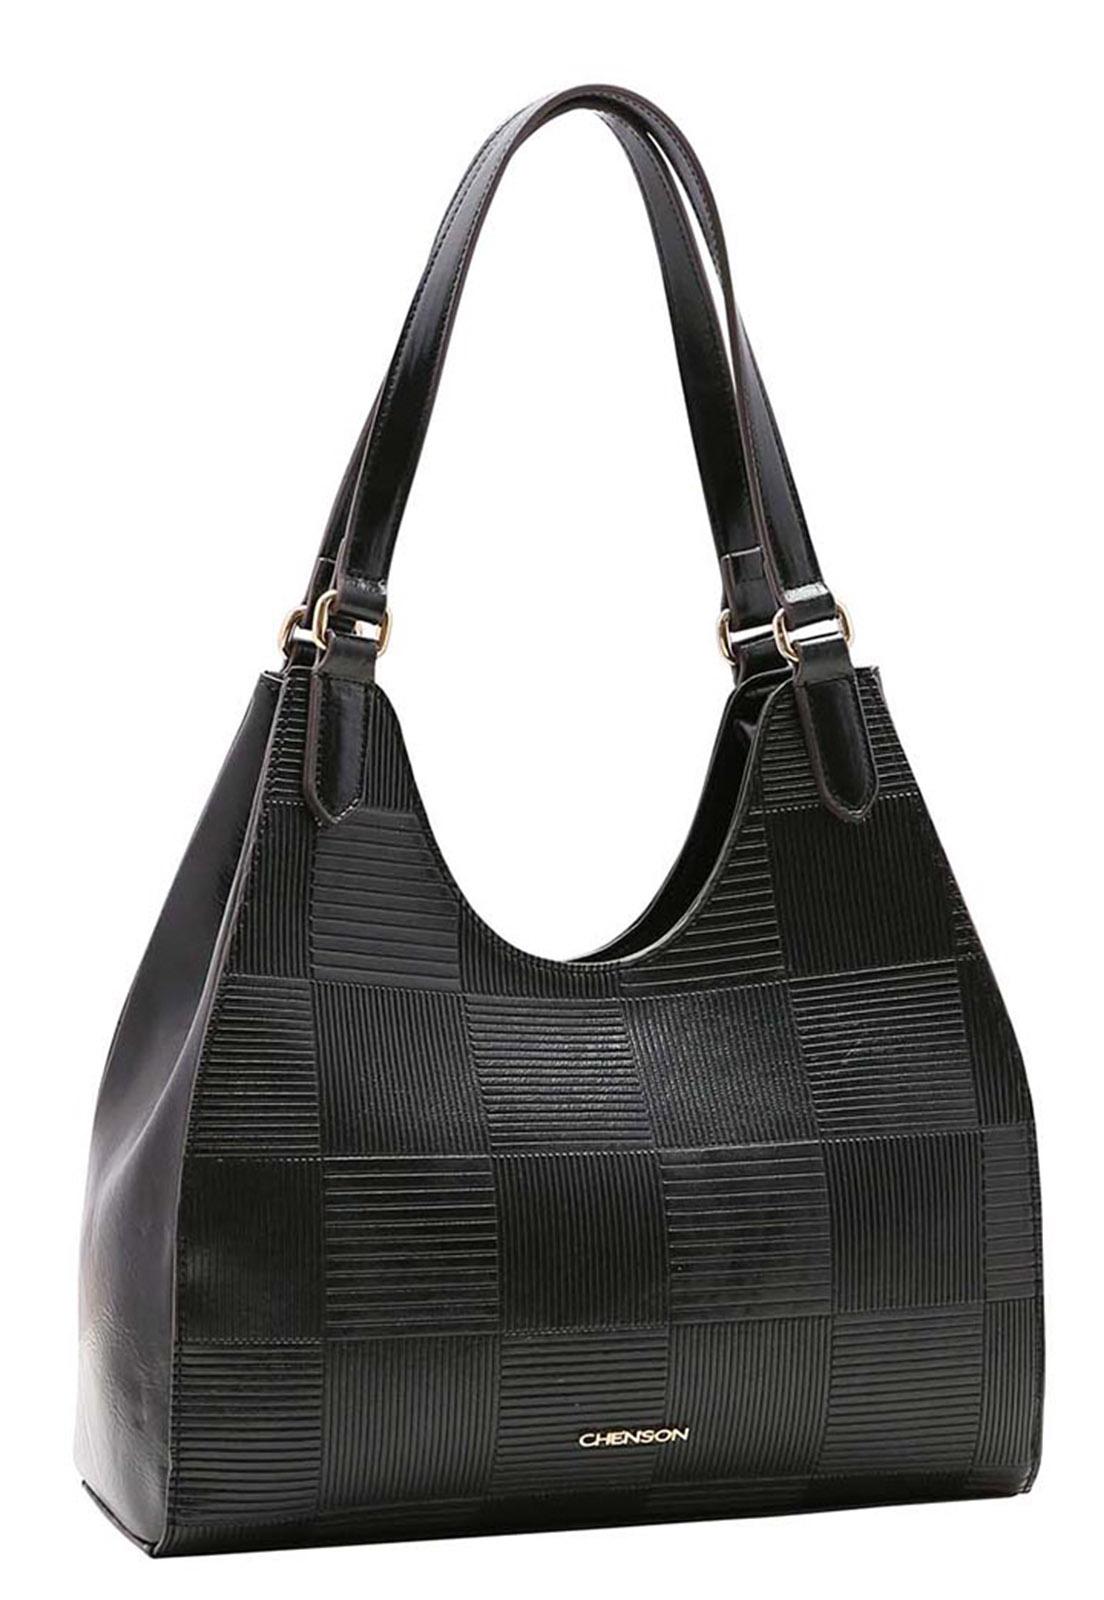 Bolsa Feminina Chenson Textura em Verniz  Ombro 3483389